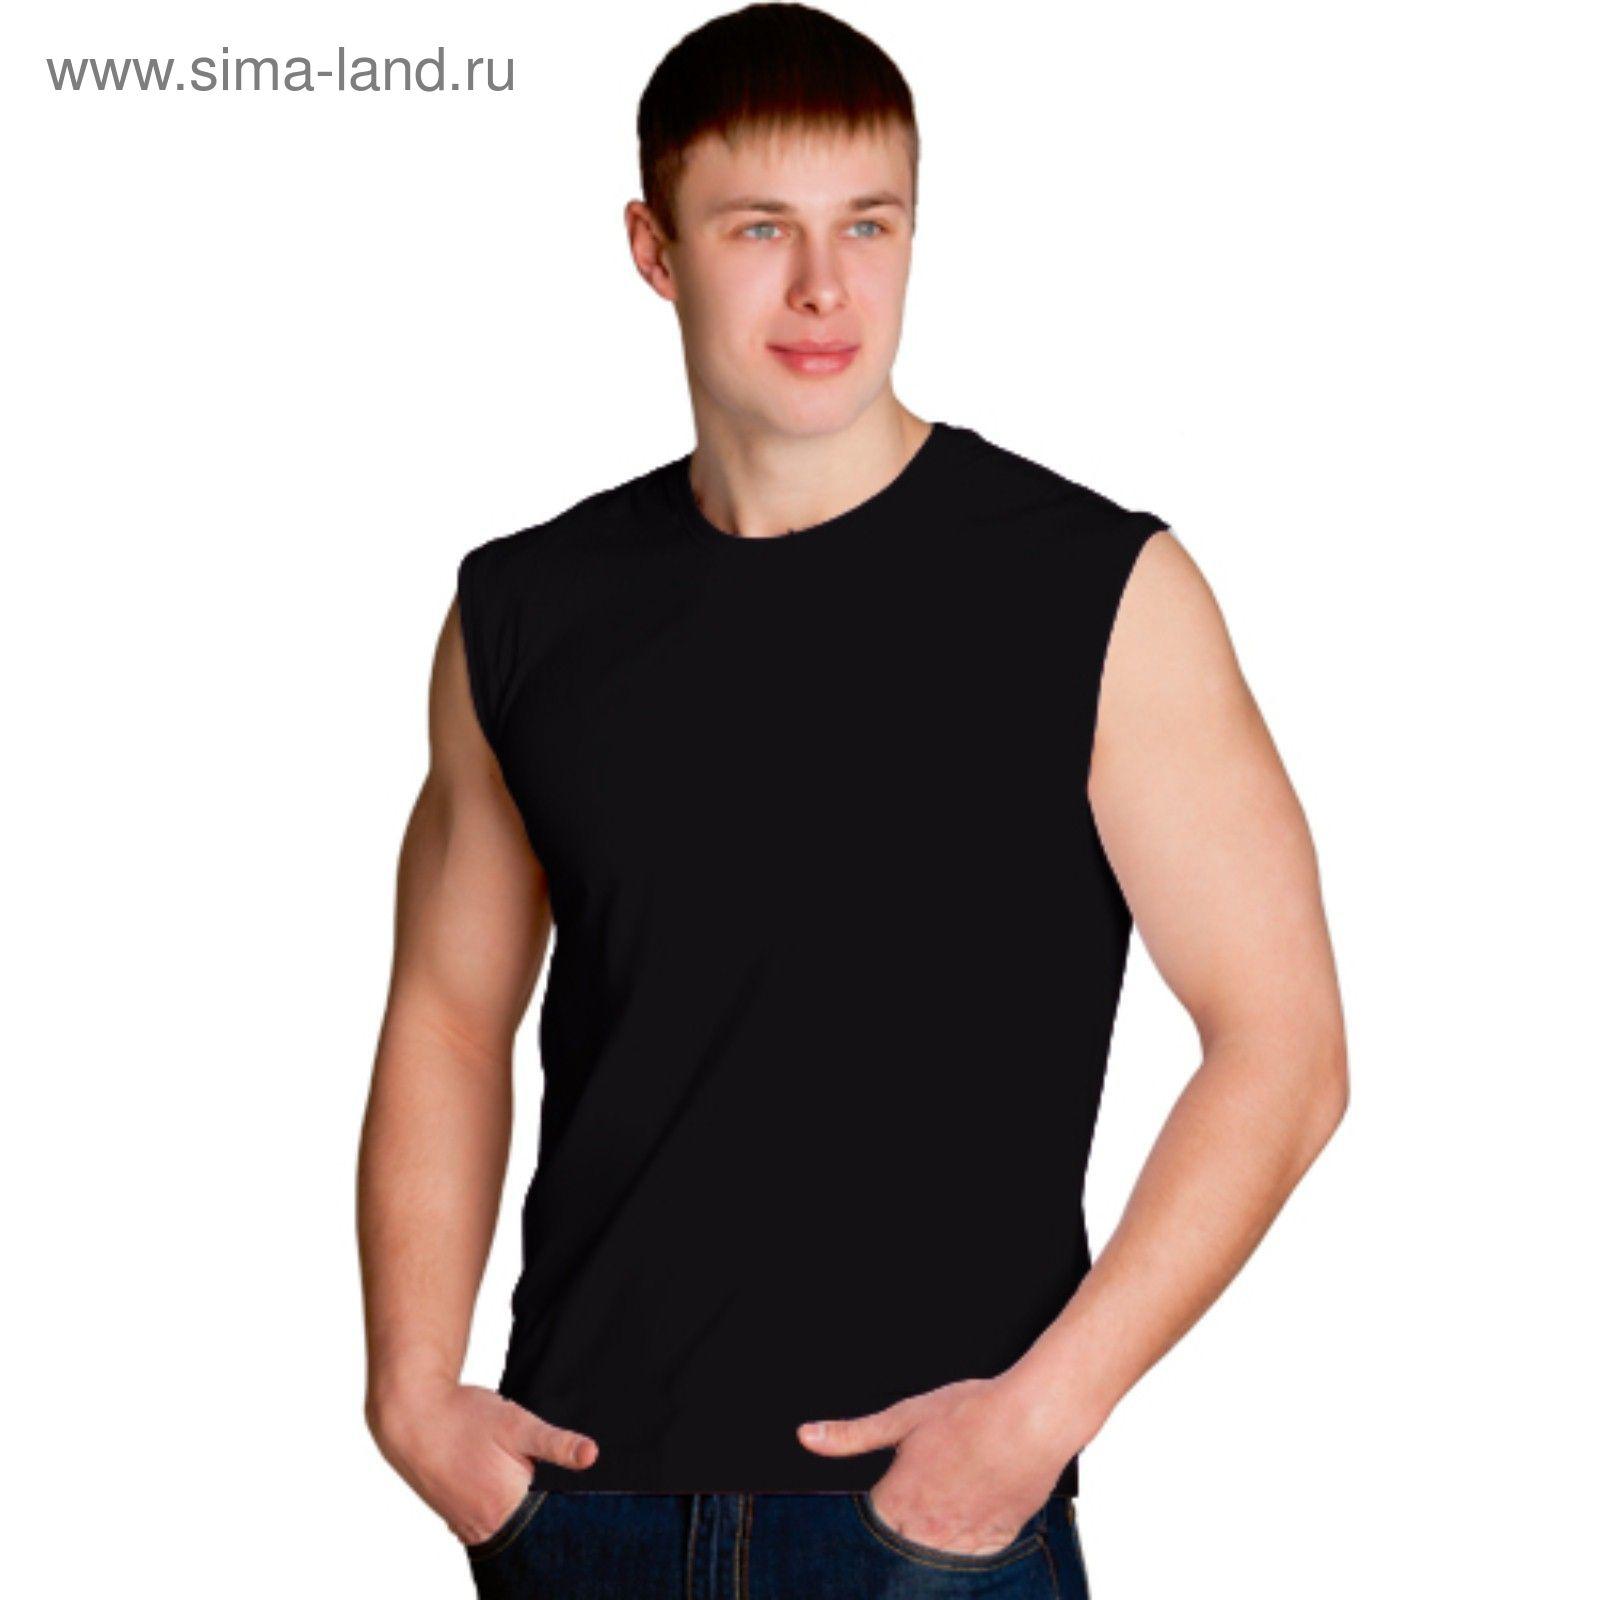 26375c4d1f2c Майка мужская StanSummer, размер 48, цвет чёрный 145 г/м (41 ...